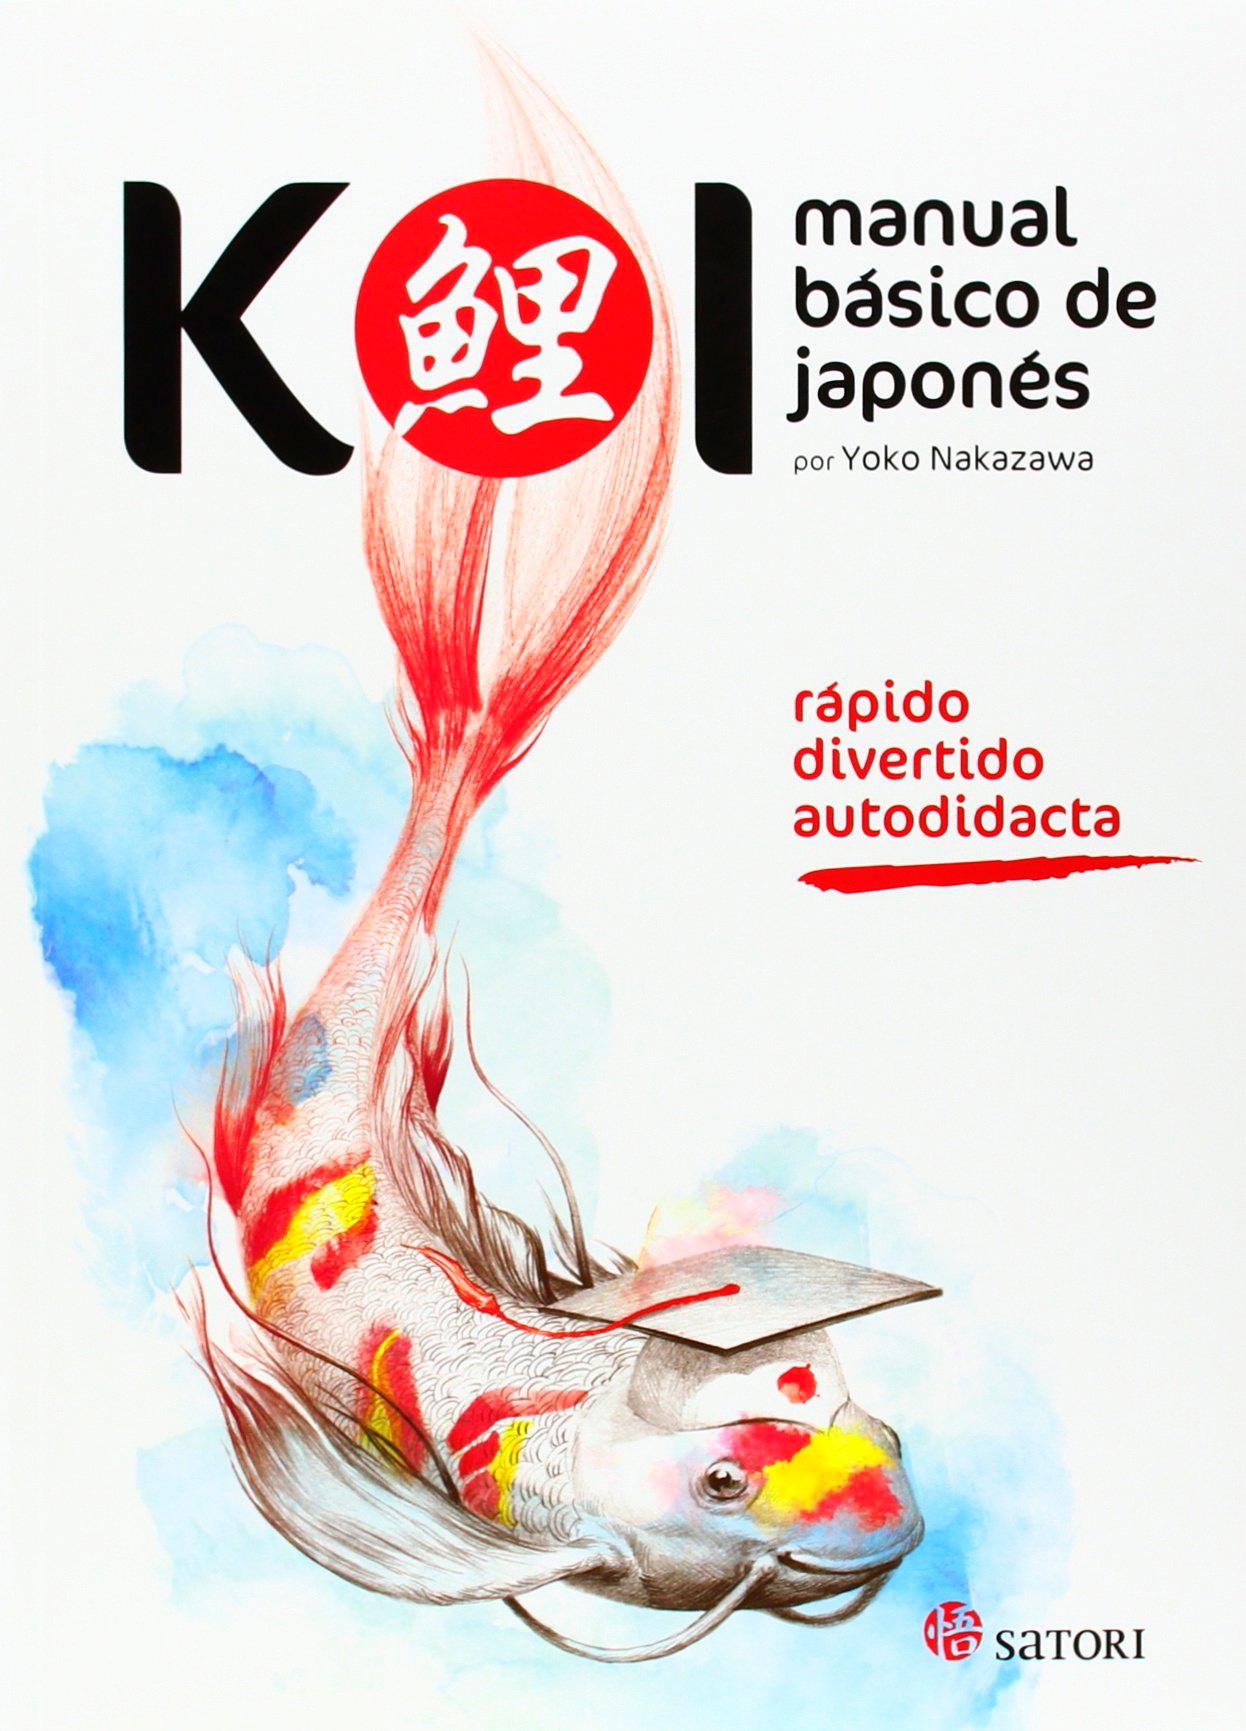 Portada libro - Koi. Manual básico de japonés